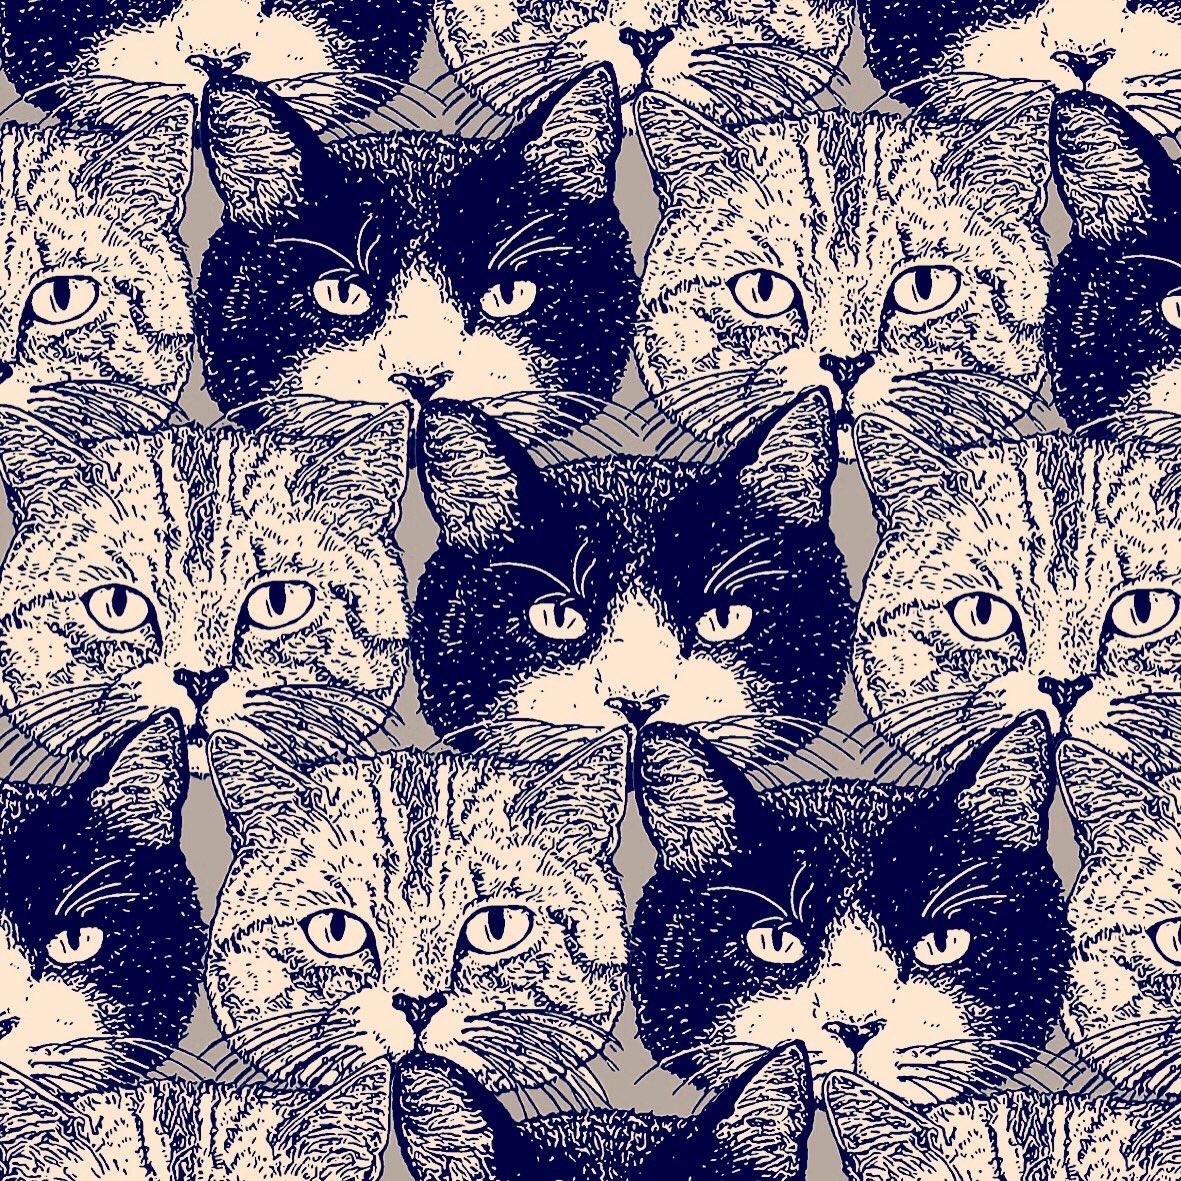 #猫のイラストだけで興味を持ってくれる方へ届け こんな素敵なタグがあったとは! お借りいたします♡ https://t.co/WruDMEU9ZB